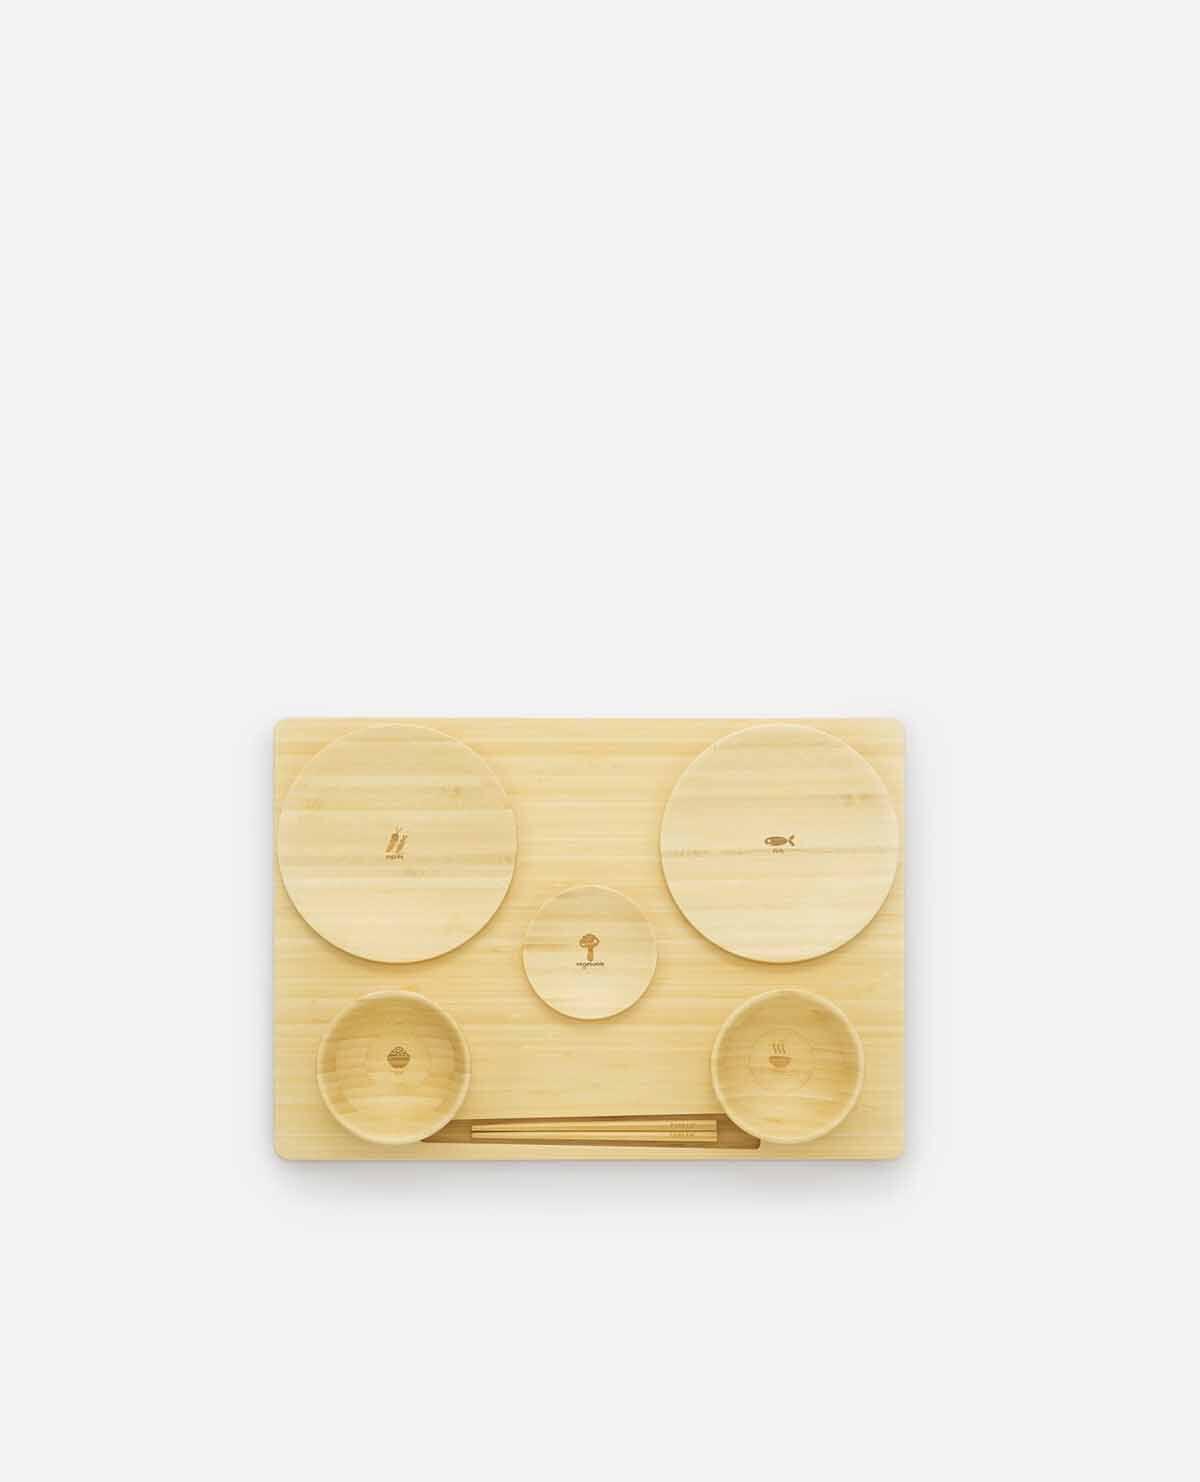 たくぜんセット ベビー食器 木製 竹 お食い初め